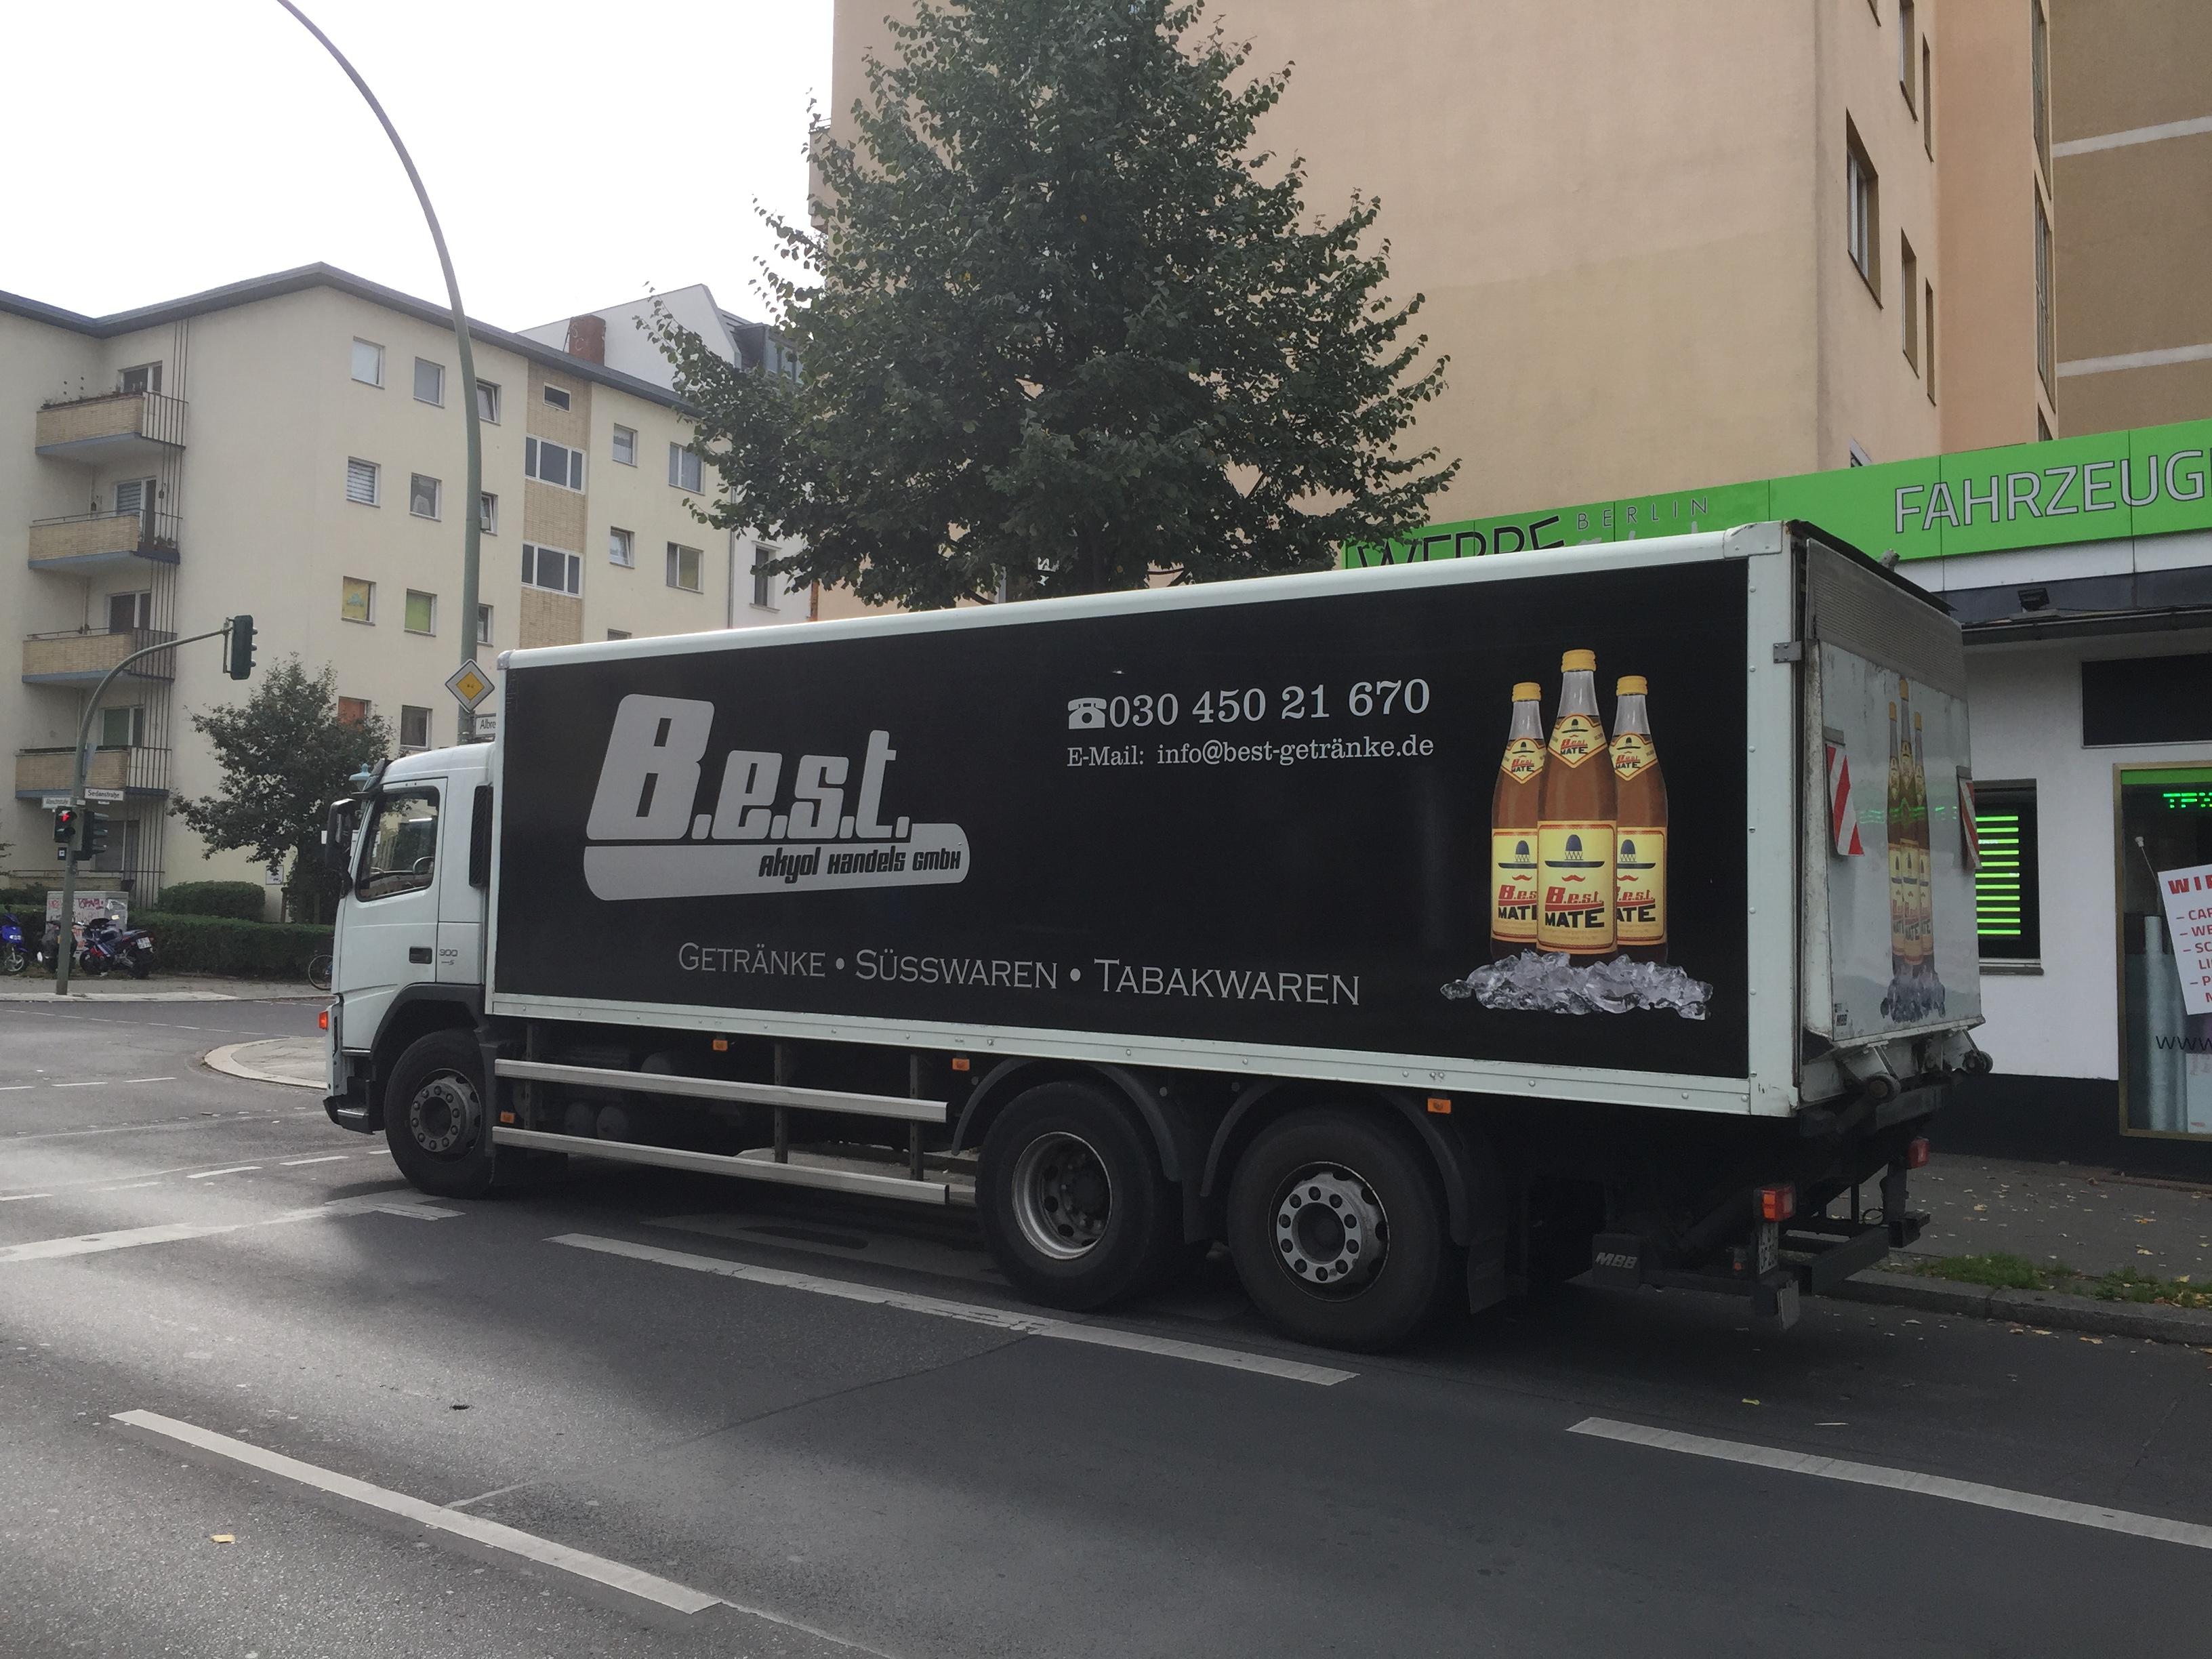 Fahrzeugbeschriftung B.E.S.T. Akyol